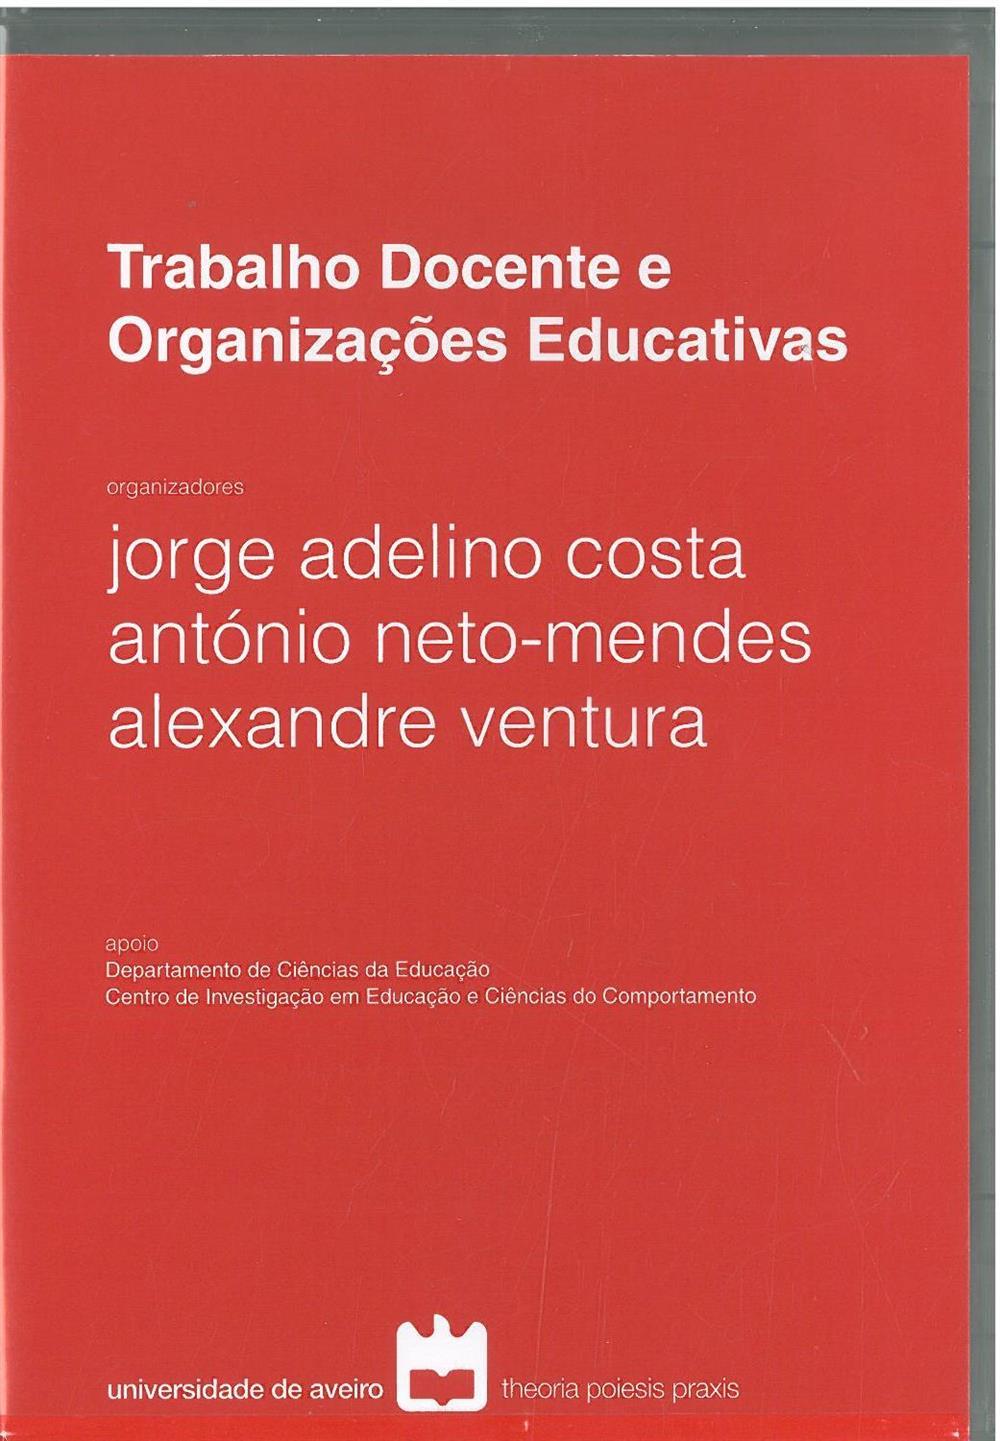 Trabalho docente e organizações educativas_DVD.jpg